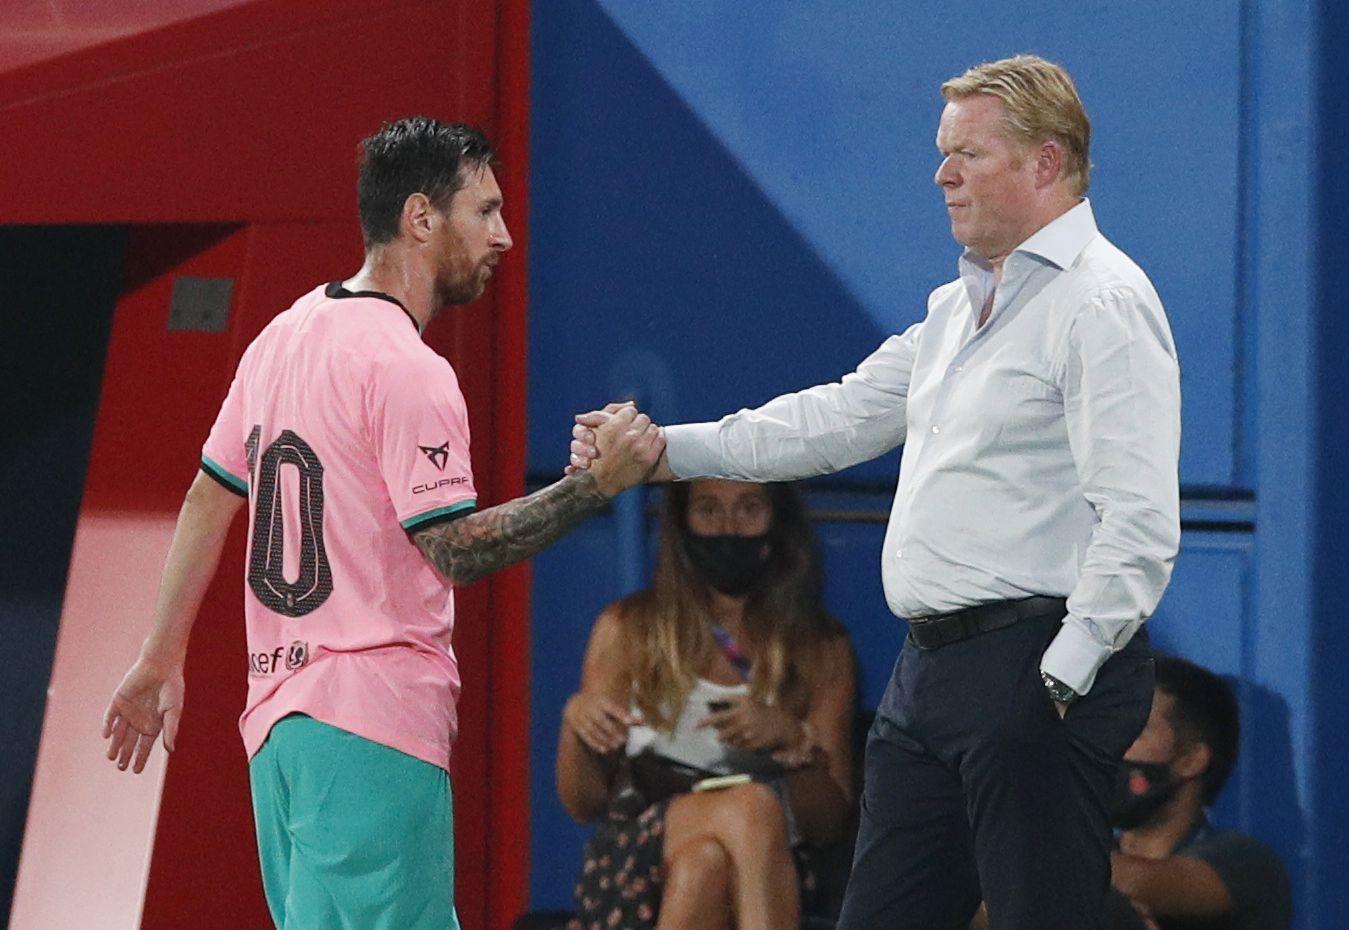 El FC Barcelona debutará en liga el 27 de septiembre - REUTERS/Albert Gea